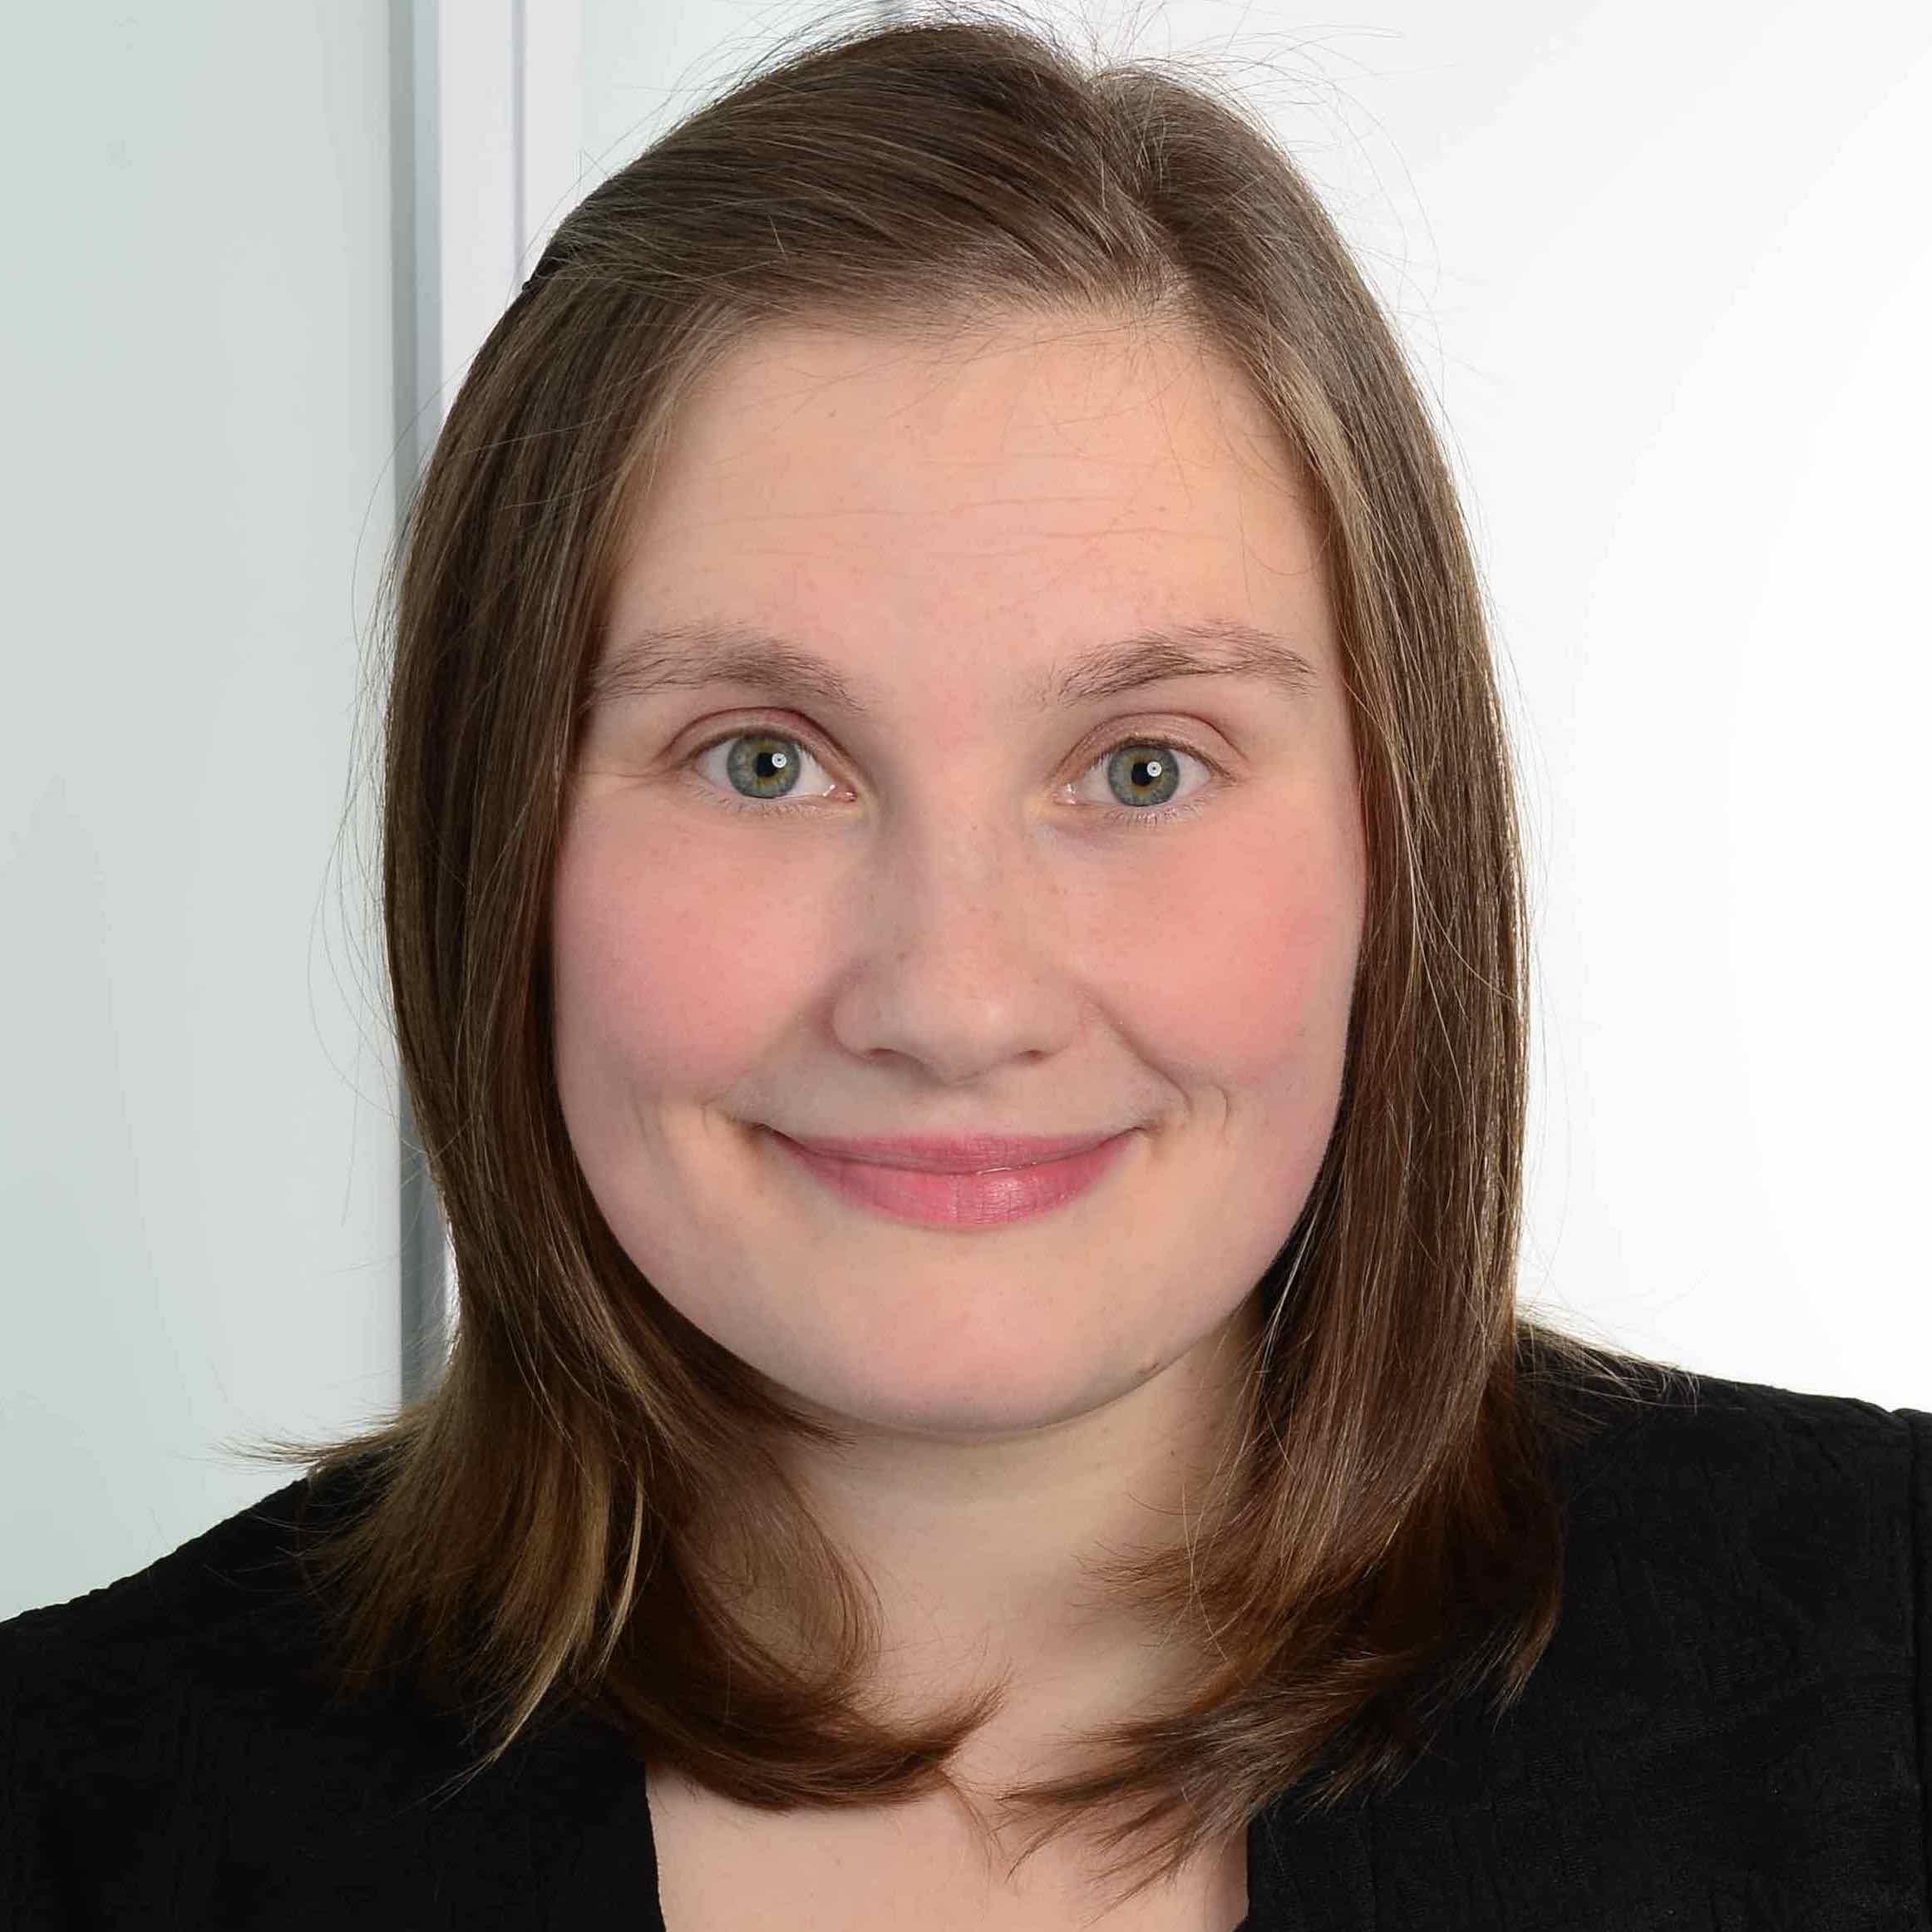 Iona Gessinger